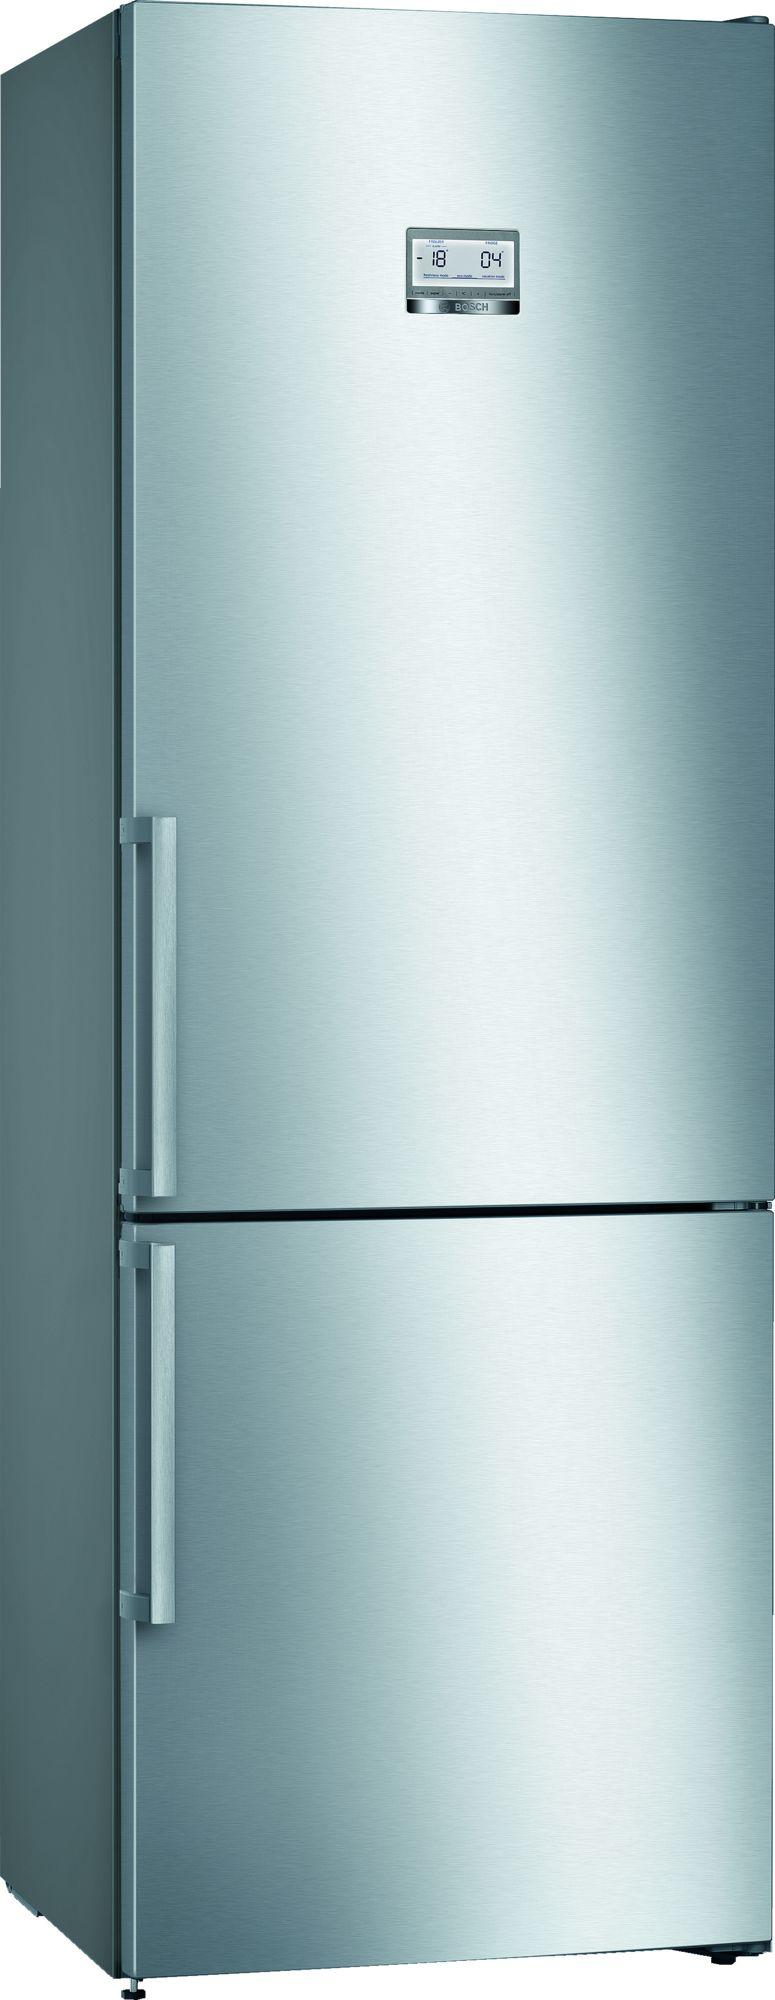 Bosch Capacità netta totale: 435 L - Kgn49aidp